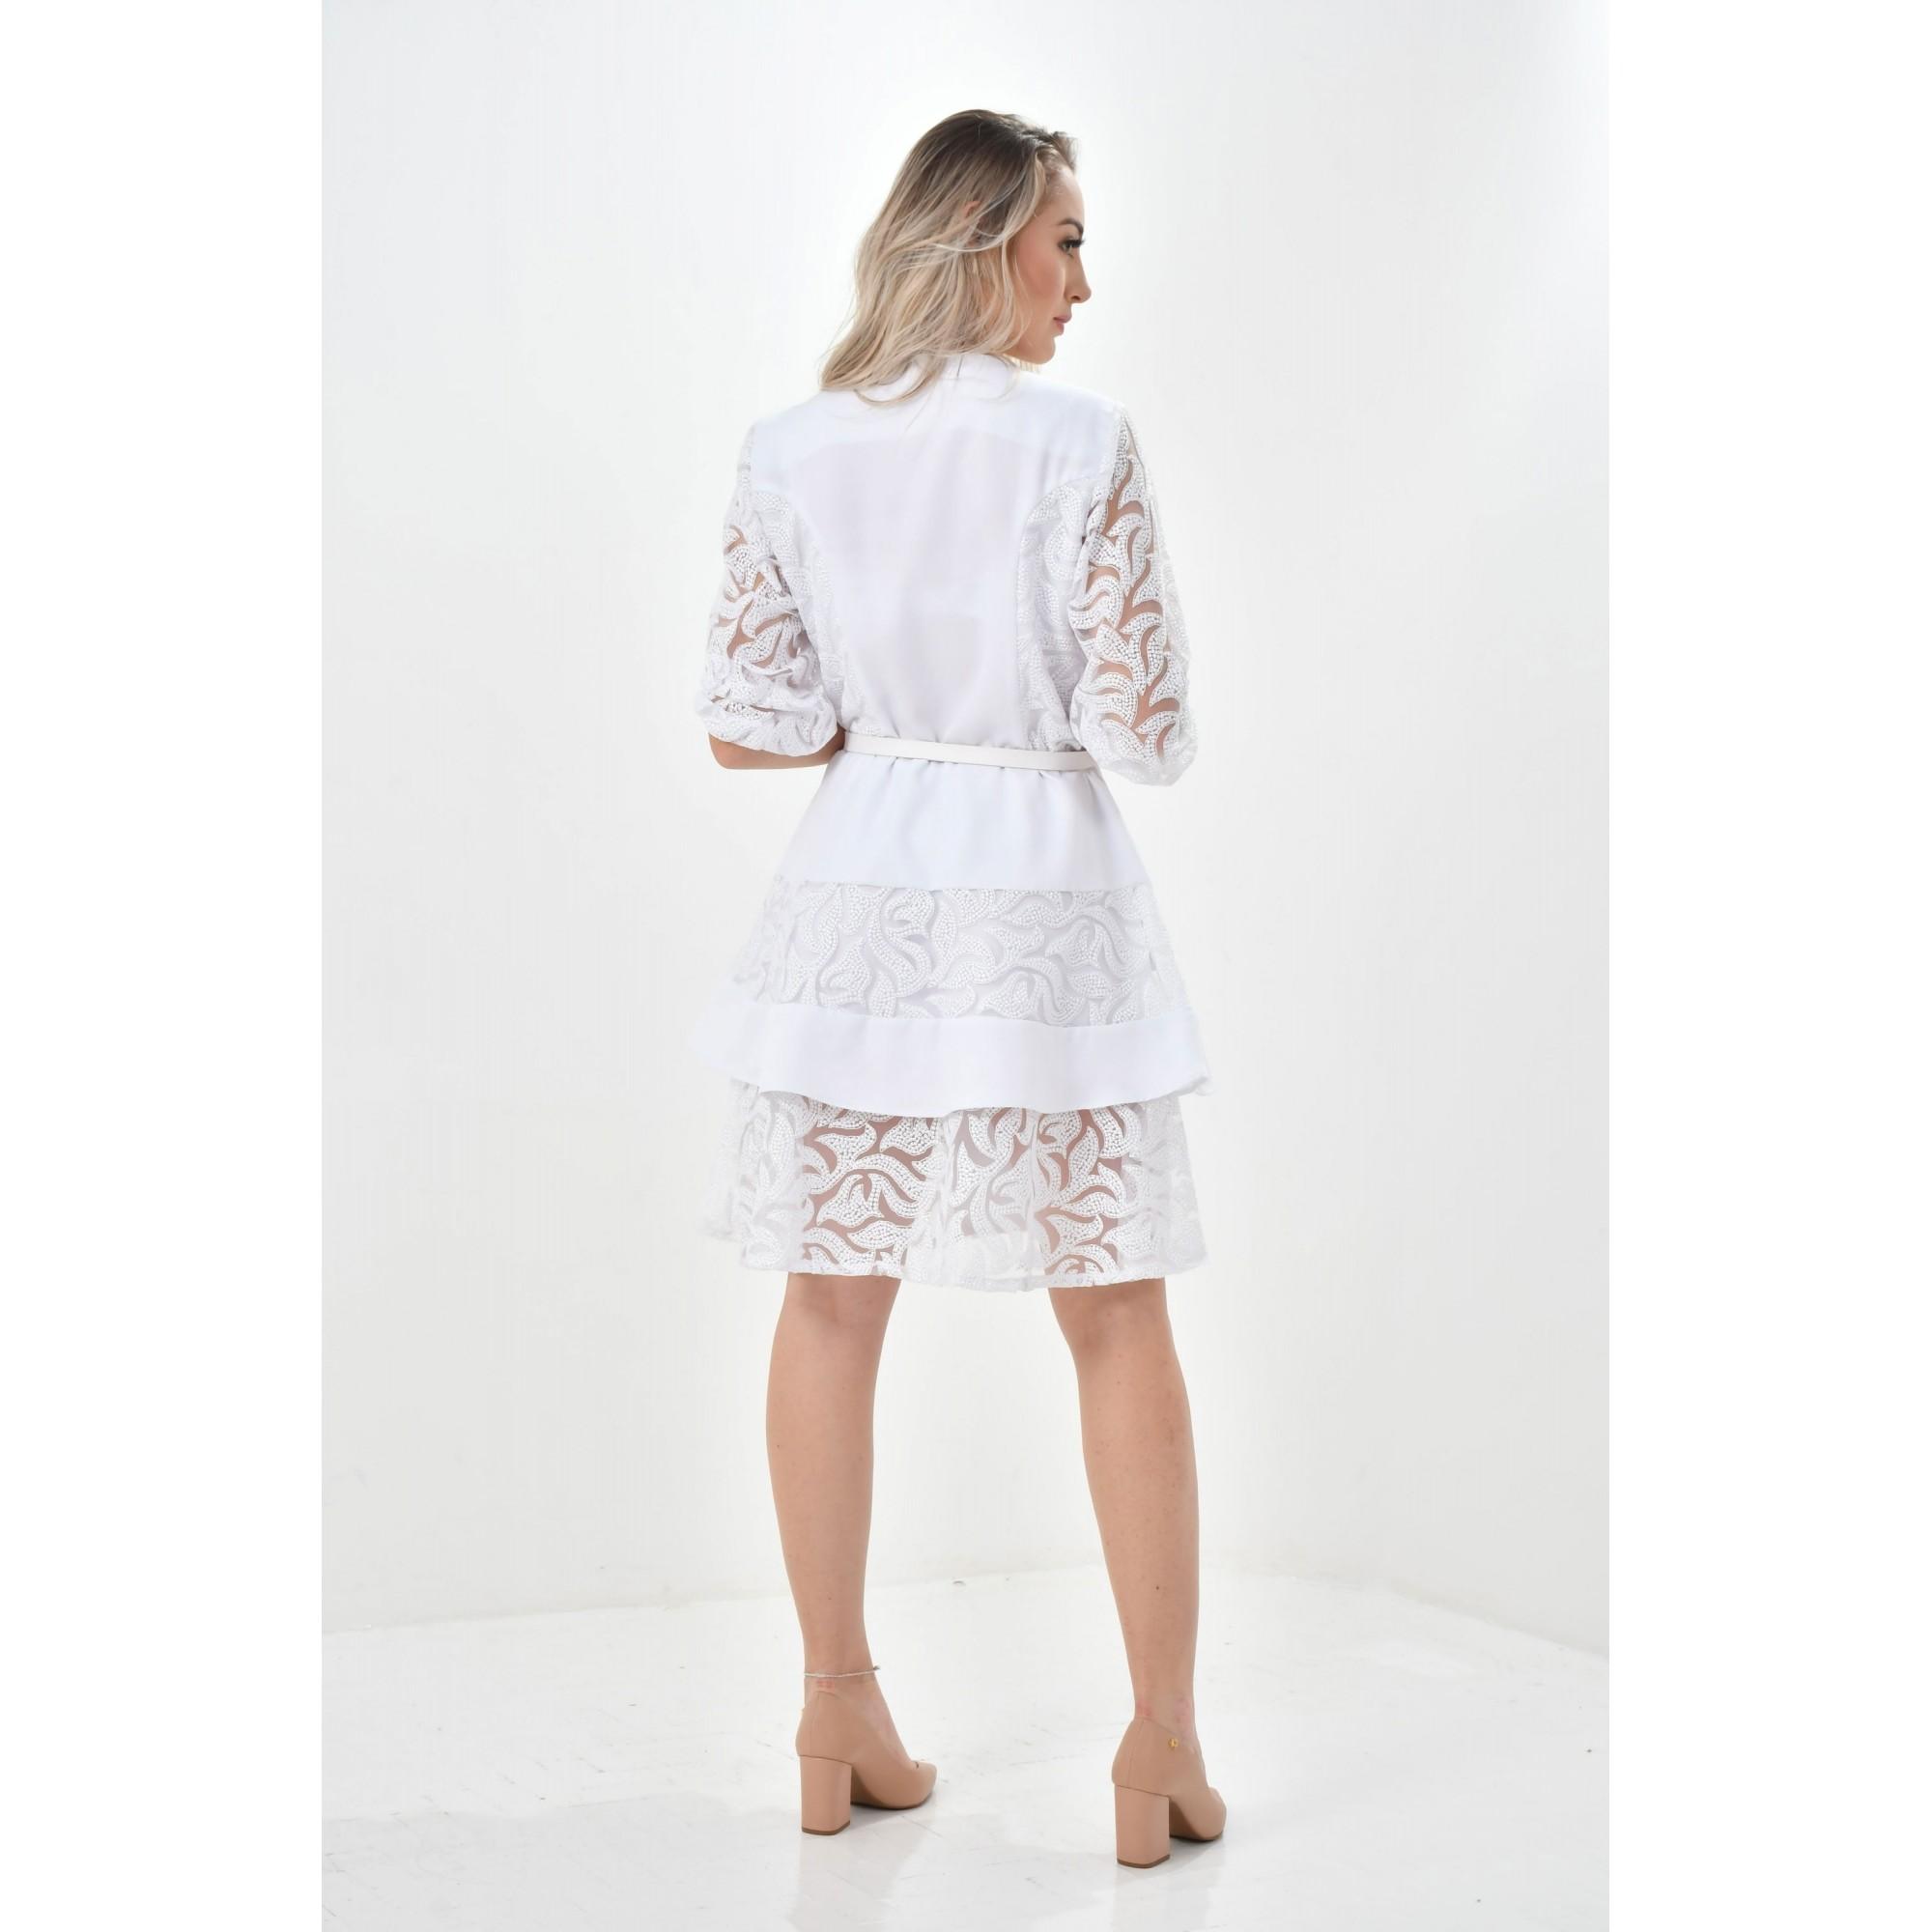 Jaleco Natalia - Edição Limitada  - Luxo Branco - Jalecos Personalizado Feminino